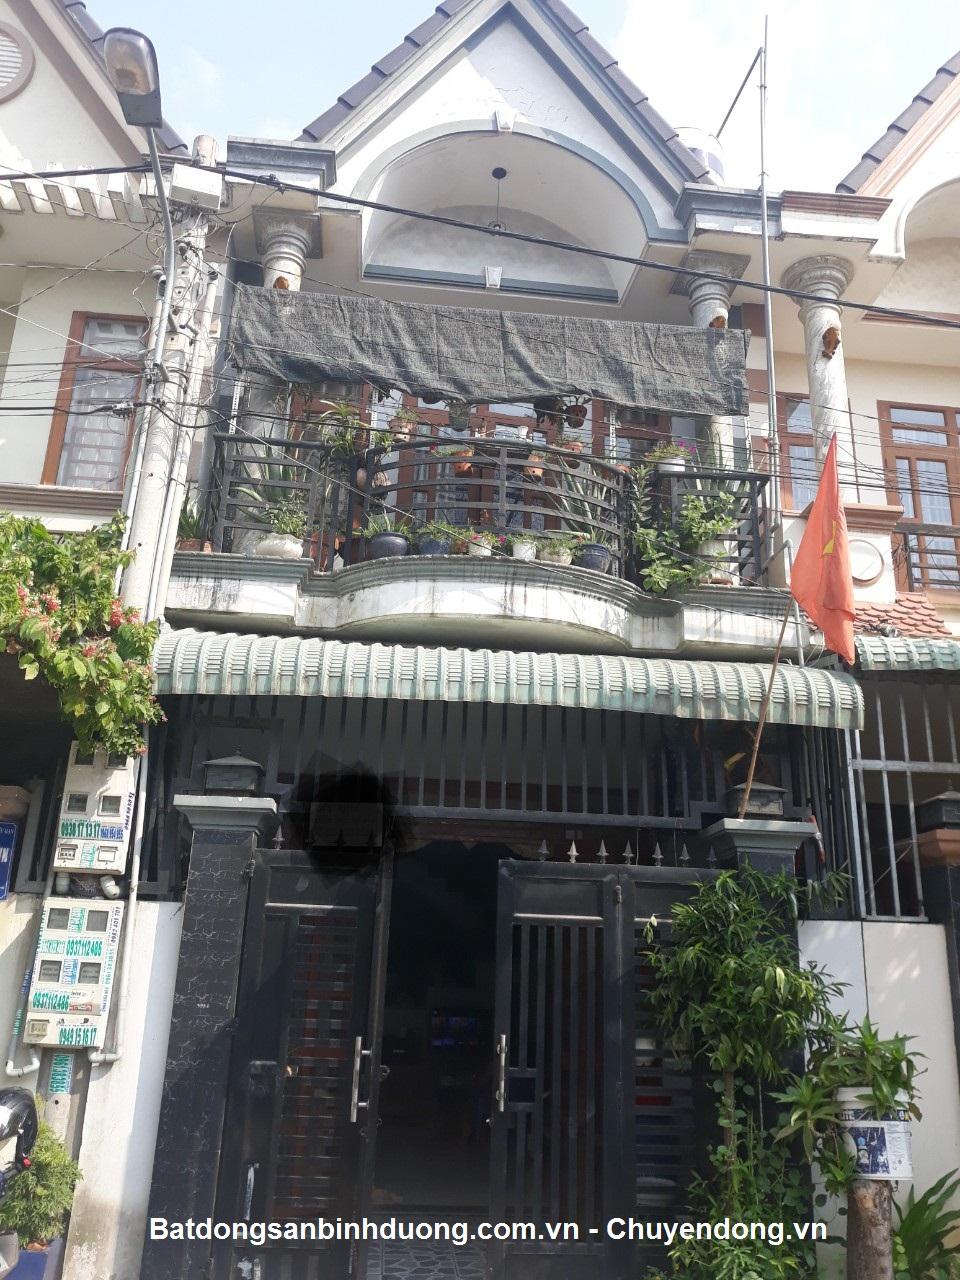 Bán nhà 1lầu trệt sổ hồng riêng gần chợ tân long